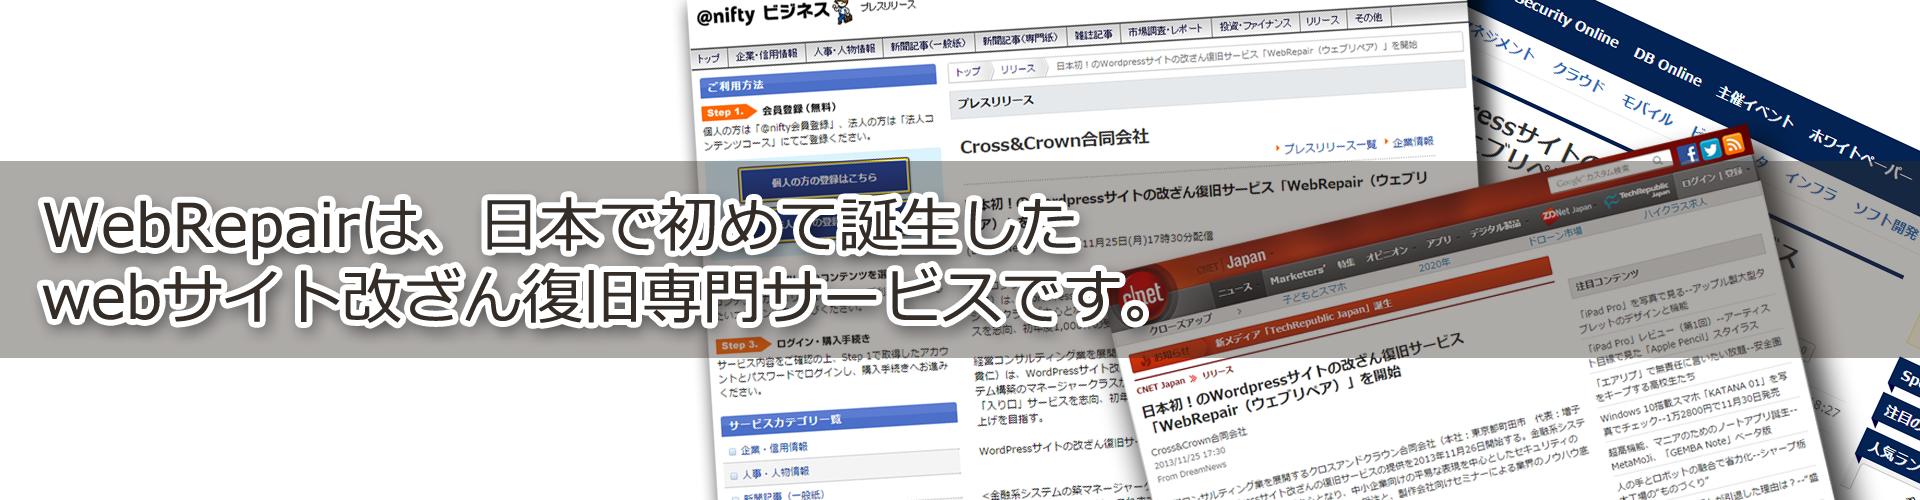 Webrepairは日本で初めて誕生したWebサイトの改ざん復旧専門サービスです。